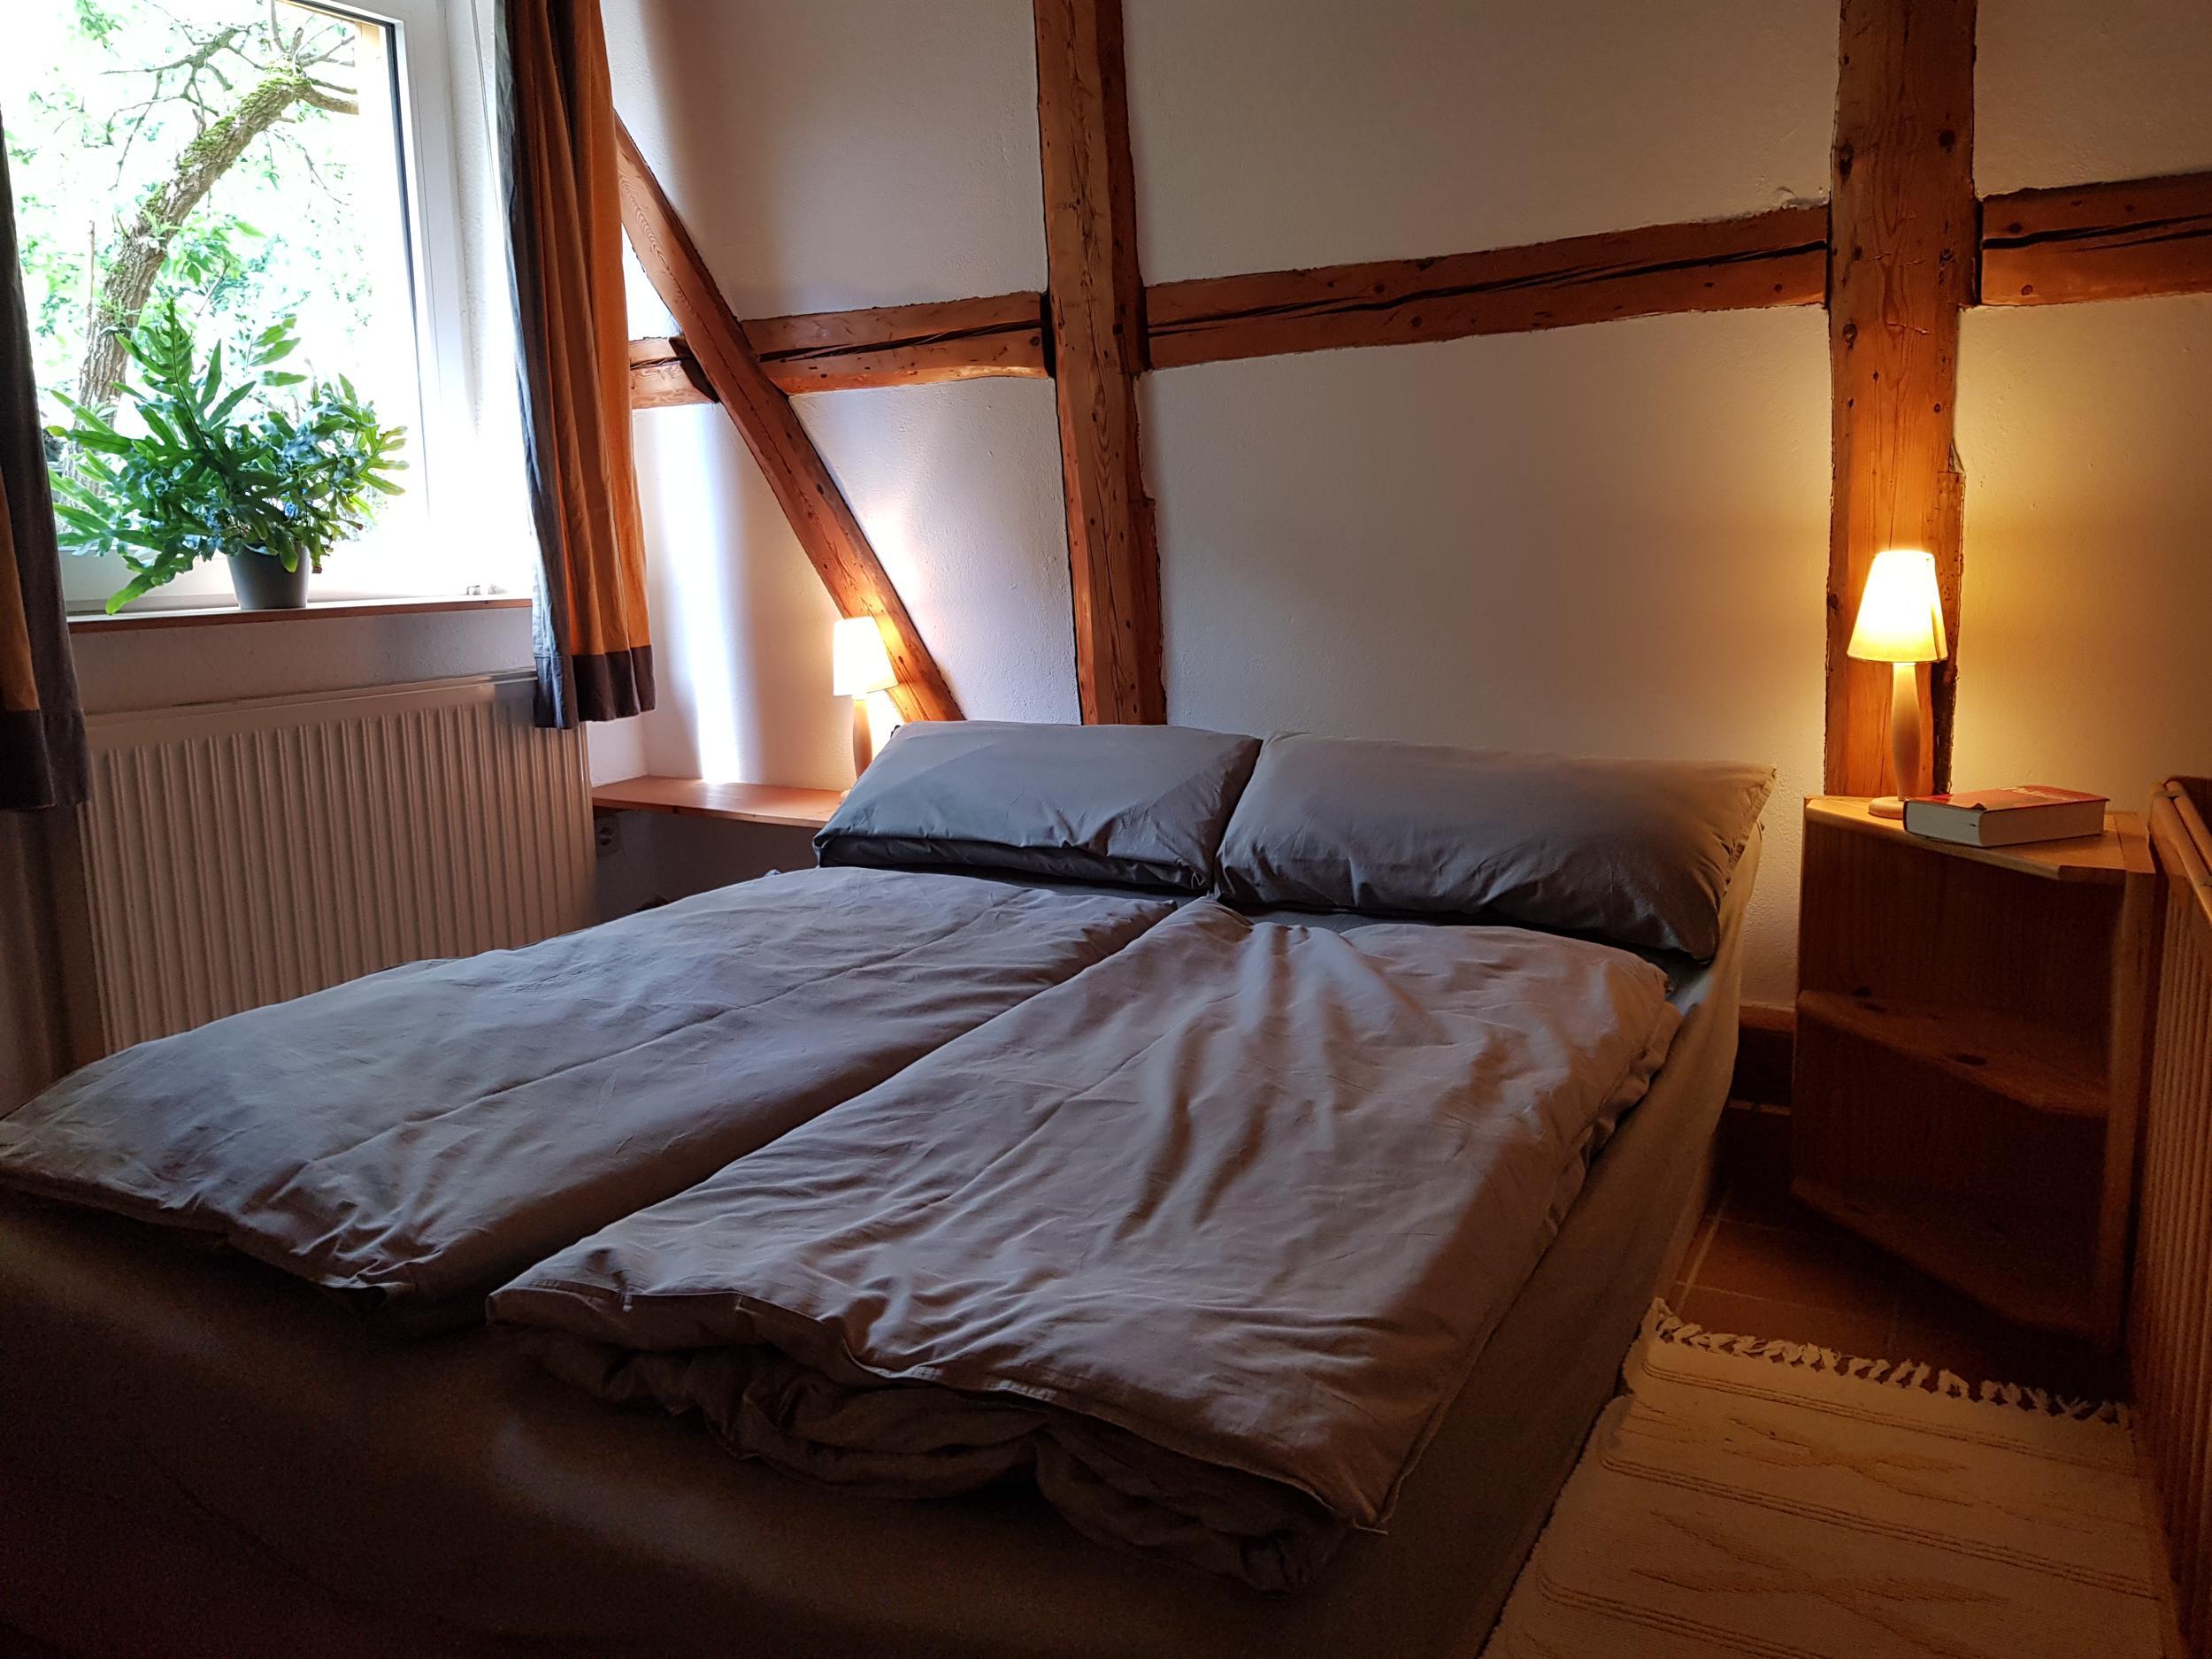 Ferienwohnung Trollblume in Hohegeiß - Schlafzimmer